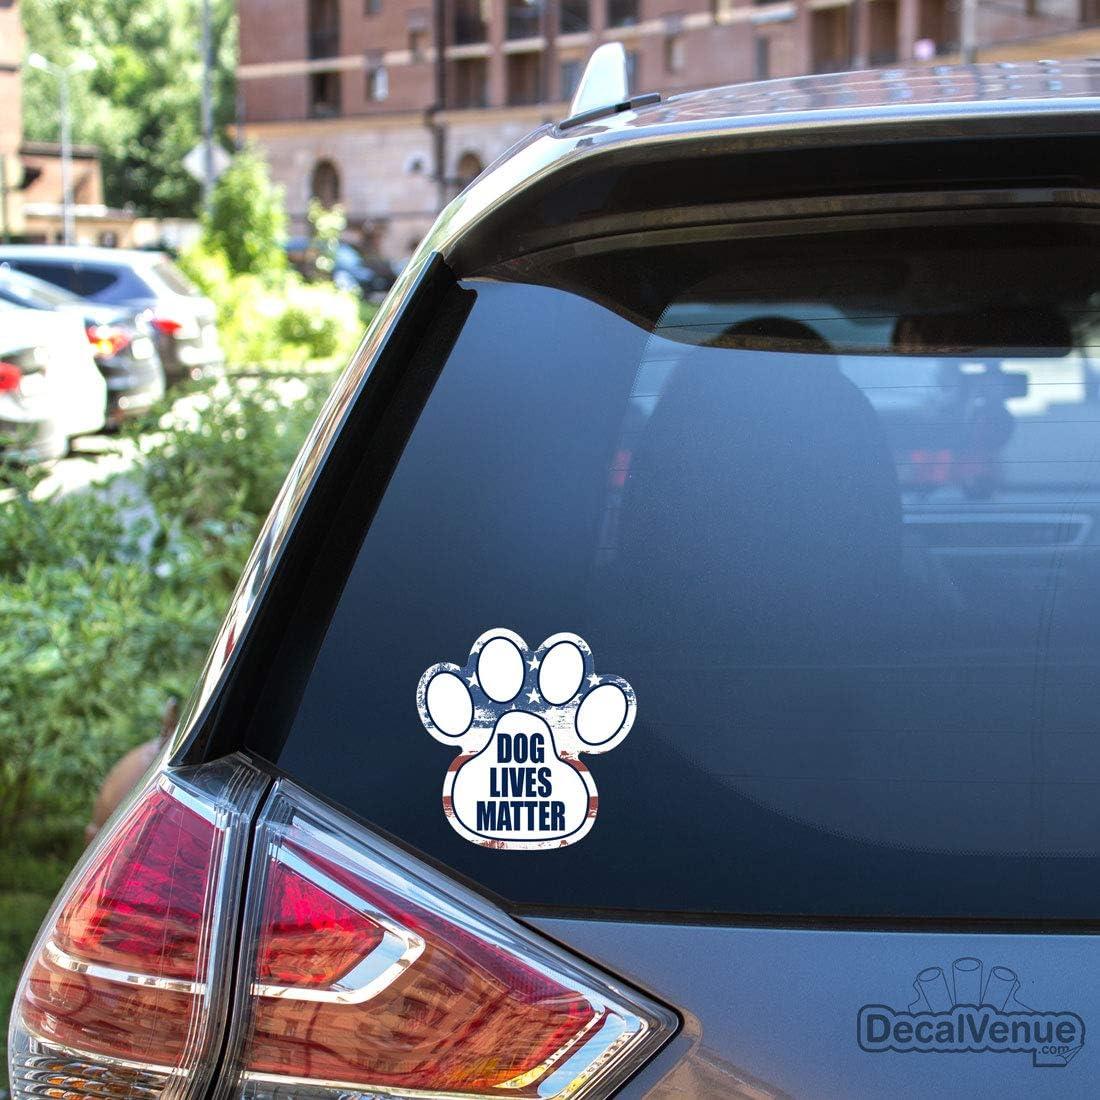 DecalVenue.com #1 Cocker Spaniel Dog Paw Print Vinyl Bumper Stickers 4 Pack